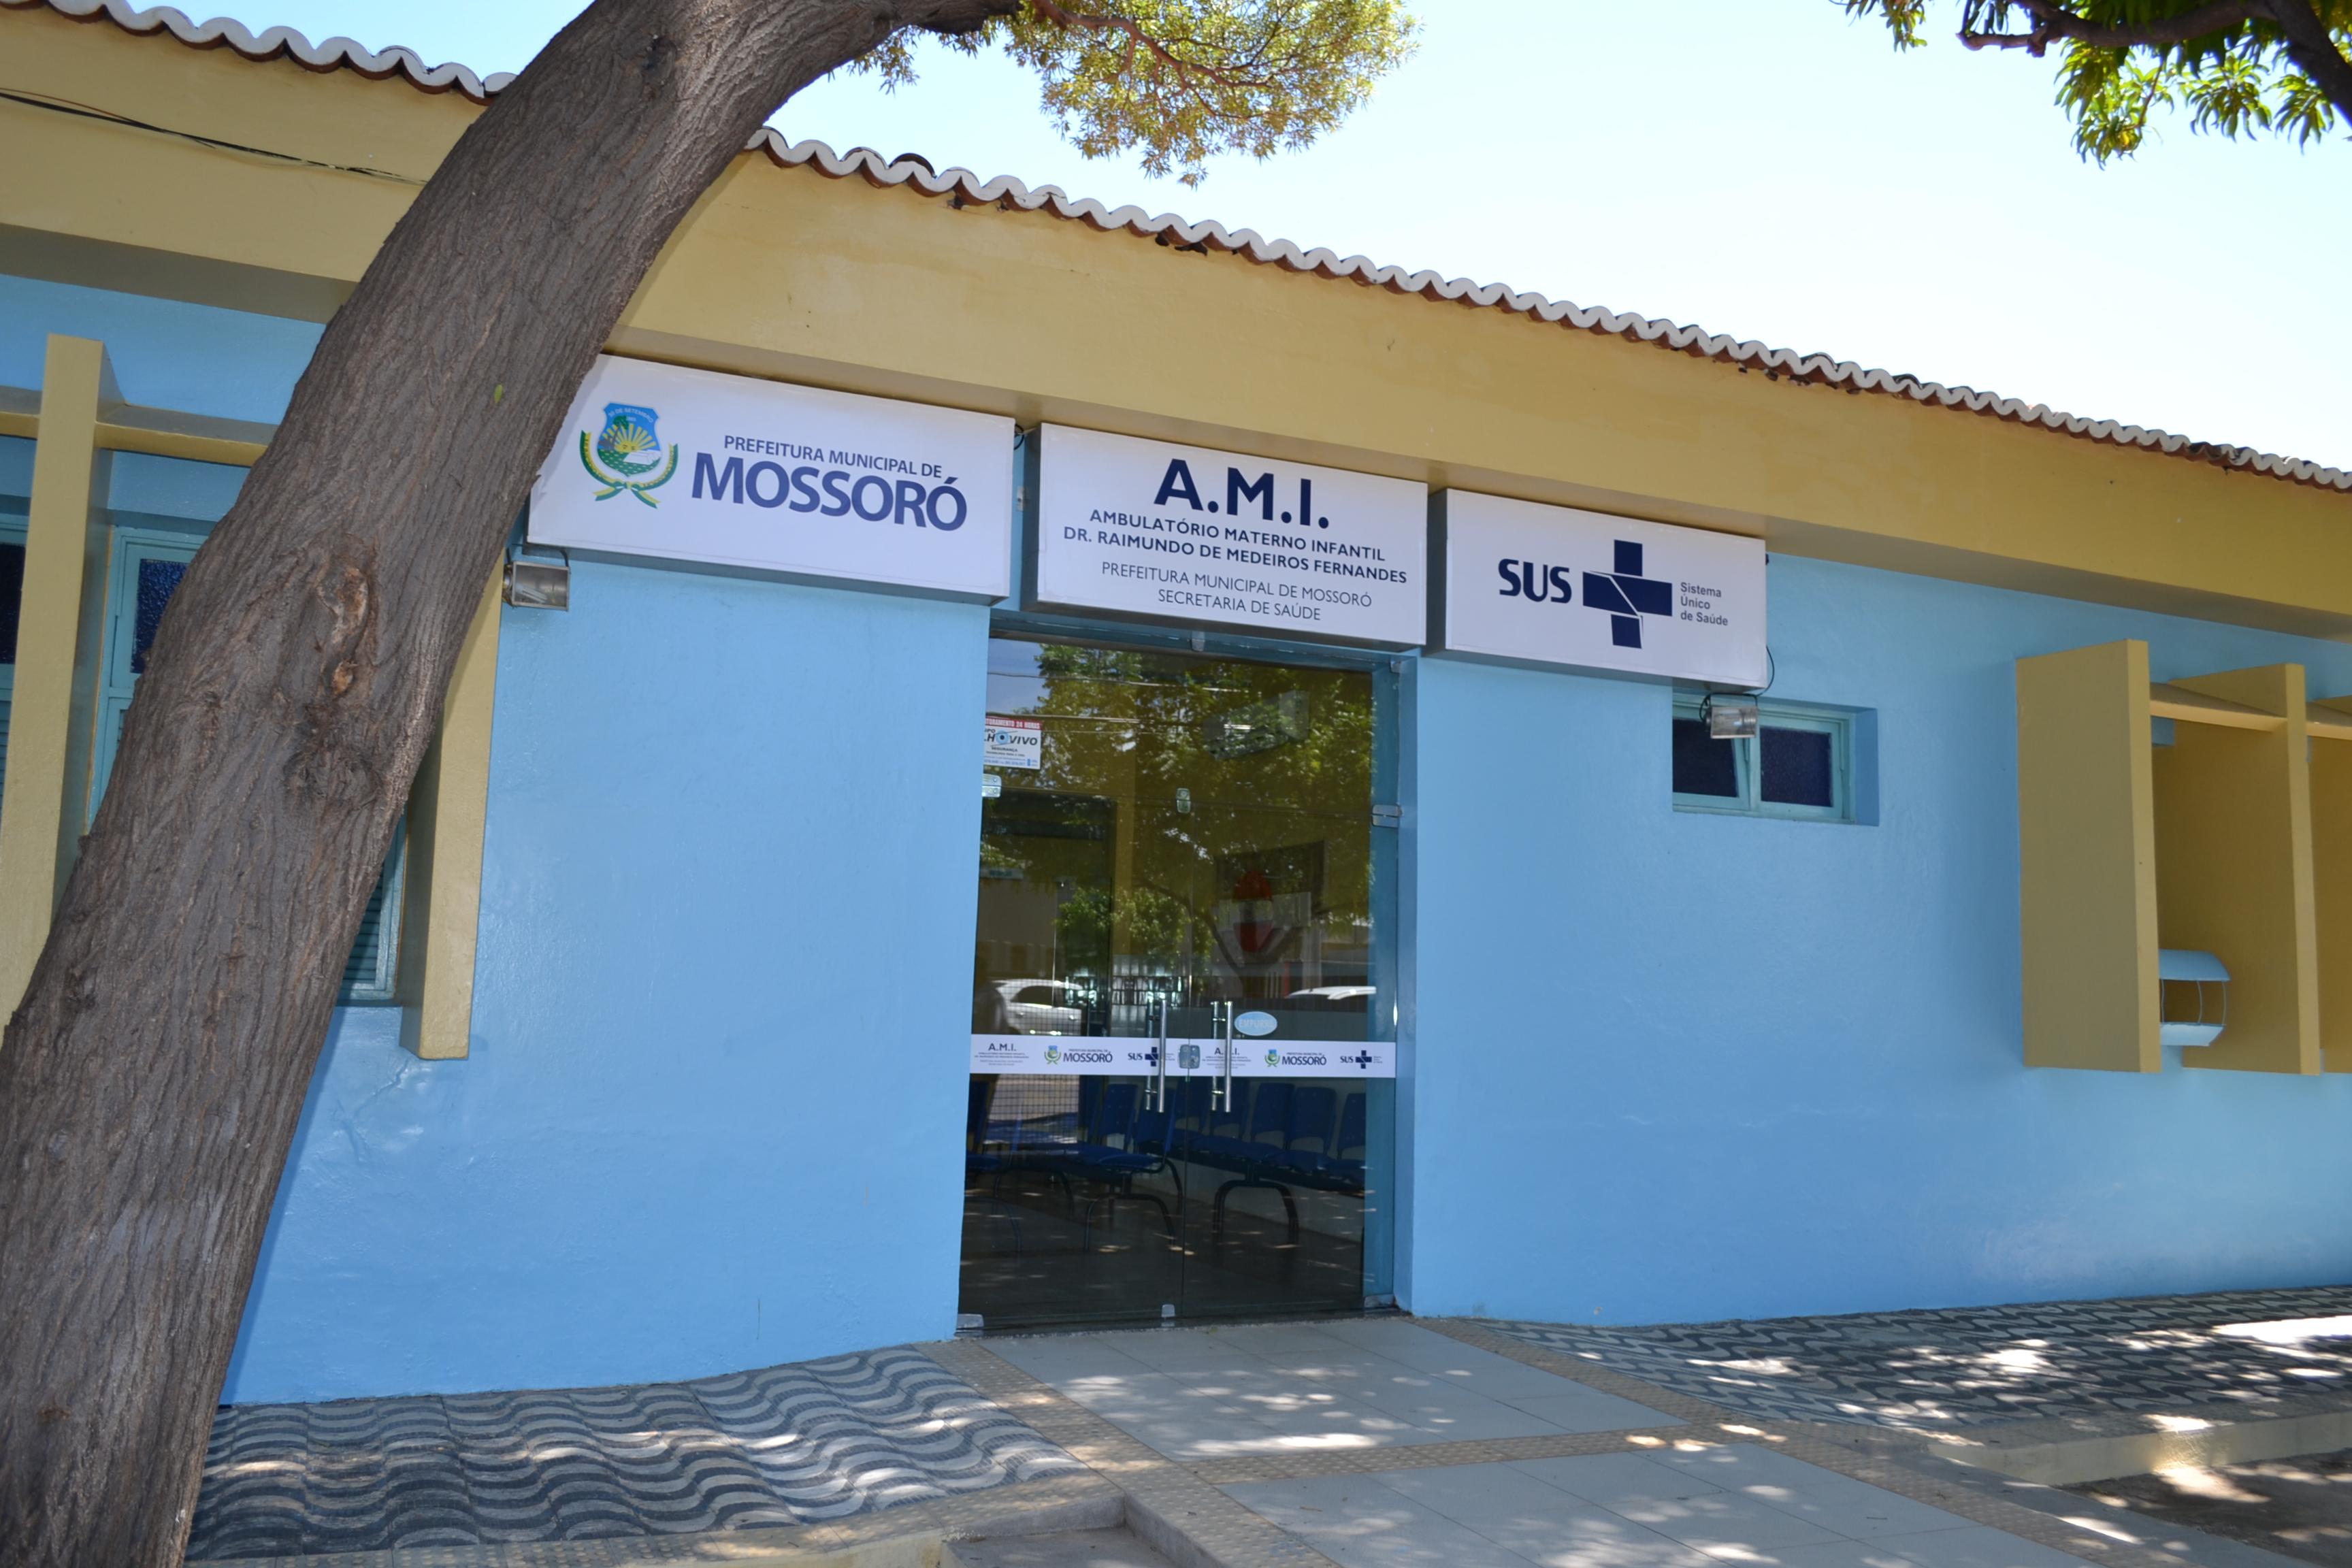 Ambulatório Materno Infantil (AMI) é referência no atendimento de crianças com microcefalia